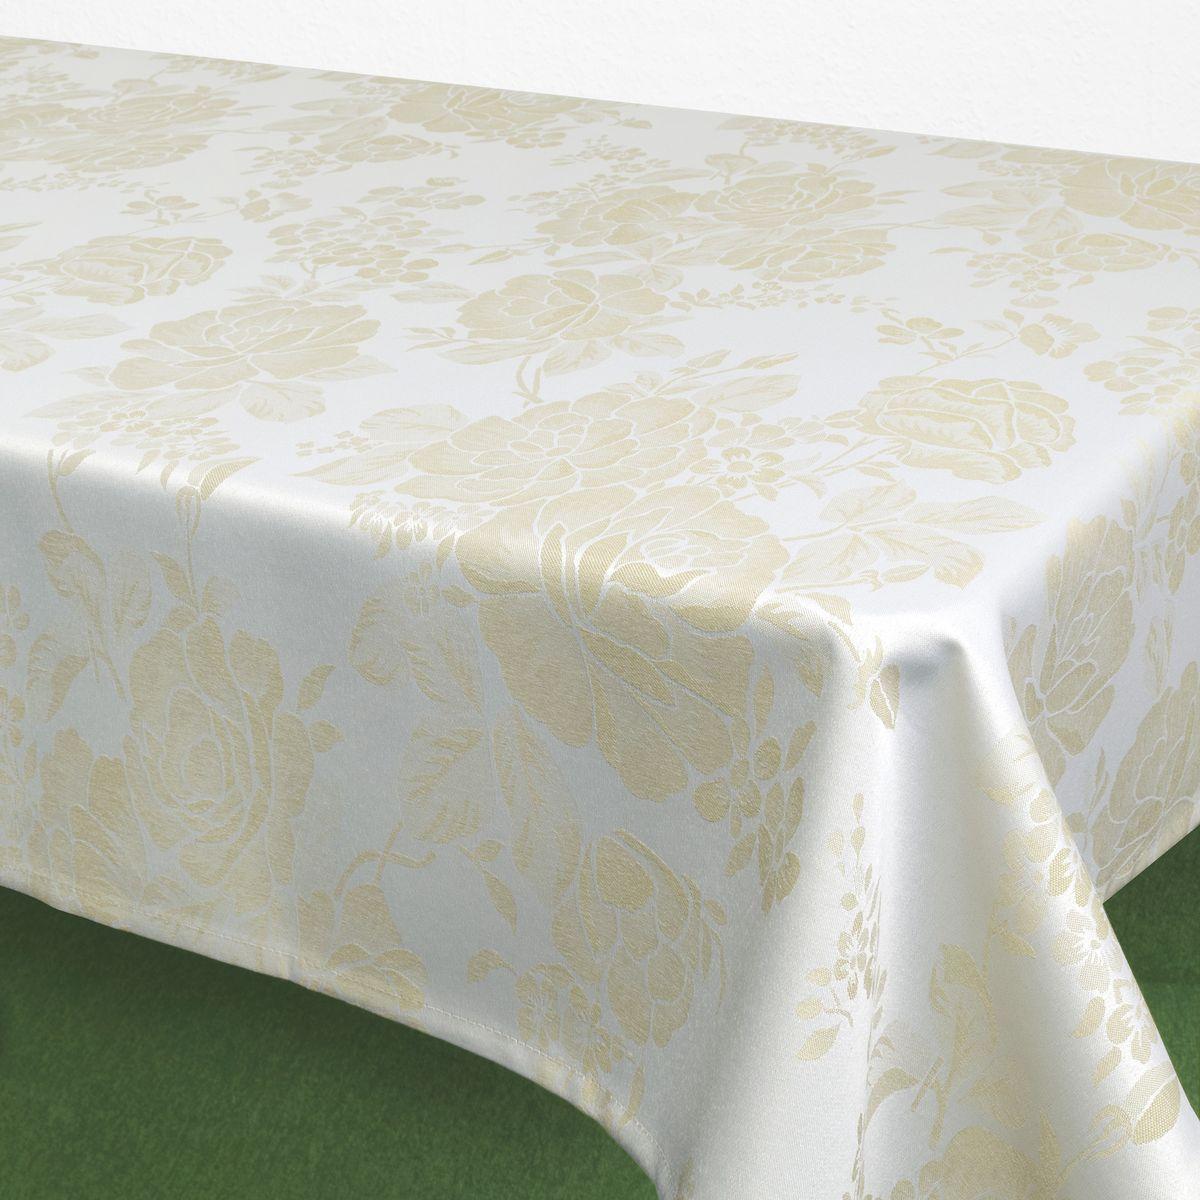 Скатерть Schaefer, прямоугольная, цвет: белый, кремовый, 160 х 220 см. 07837-40810.01.03.0065Стильная скатерть Schaefer выполнена из полиэстера.Изделия из полиэстера легко стирать: они не мнутся, не садятся и быстро сохнут, они более долговечны, чем изделия из натуральных волокон.Немецкая компания Schaefer создана в 1921 году. На протяжении всего времени существования она создает уникальные коллекции домашнего текстиля для гостиных, спален, кухонь и ванных комнат. Дизайнерские идеи немецких художников компании Schaefer воплощаются в текстильных изделиях, которые сделают ваш дом красивее и уютнее и не останутся незамеченными вашими гостями. Дарите себе и близким красоту каждый день!